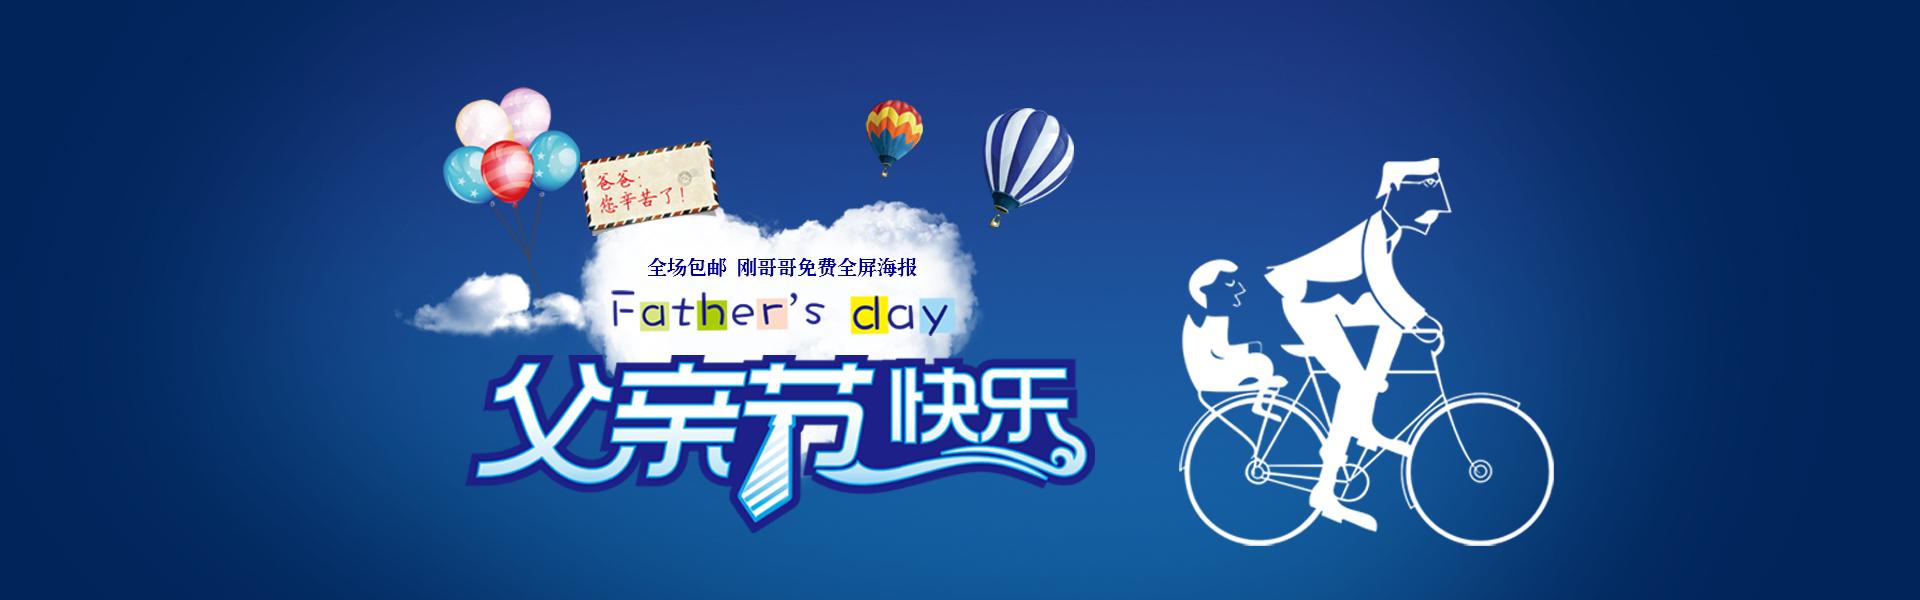 蓝色父子剪影父亲节快乐爸爸您辛苦了淘宝店铺天猫旺铺装修全屏海报图片在线制作